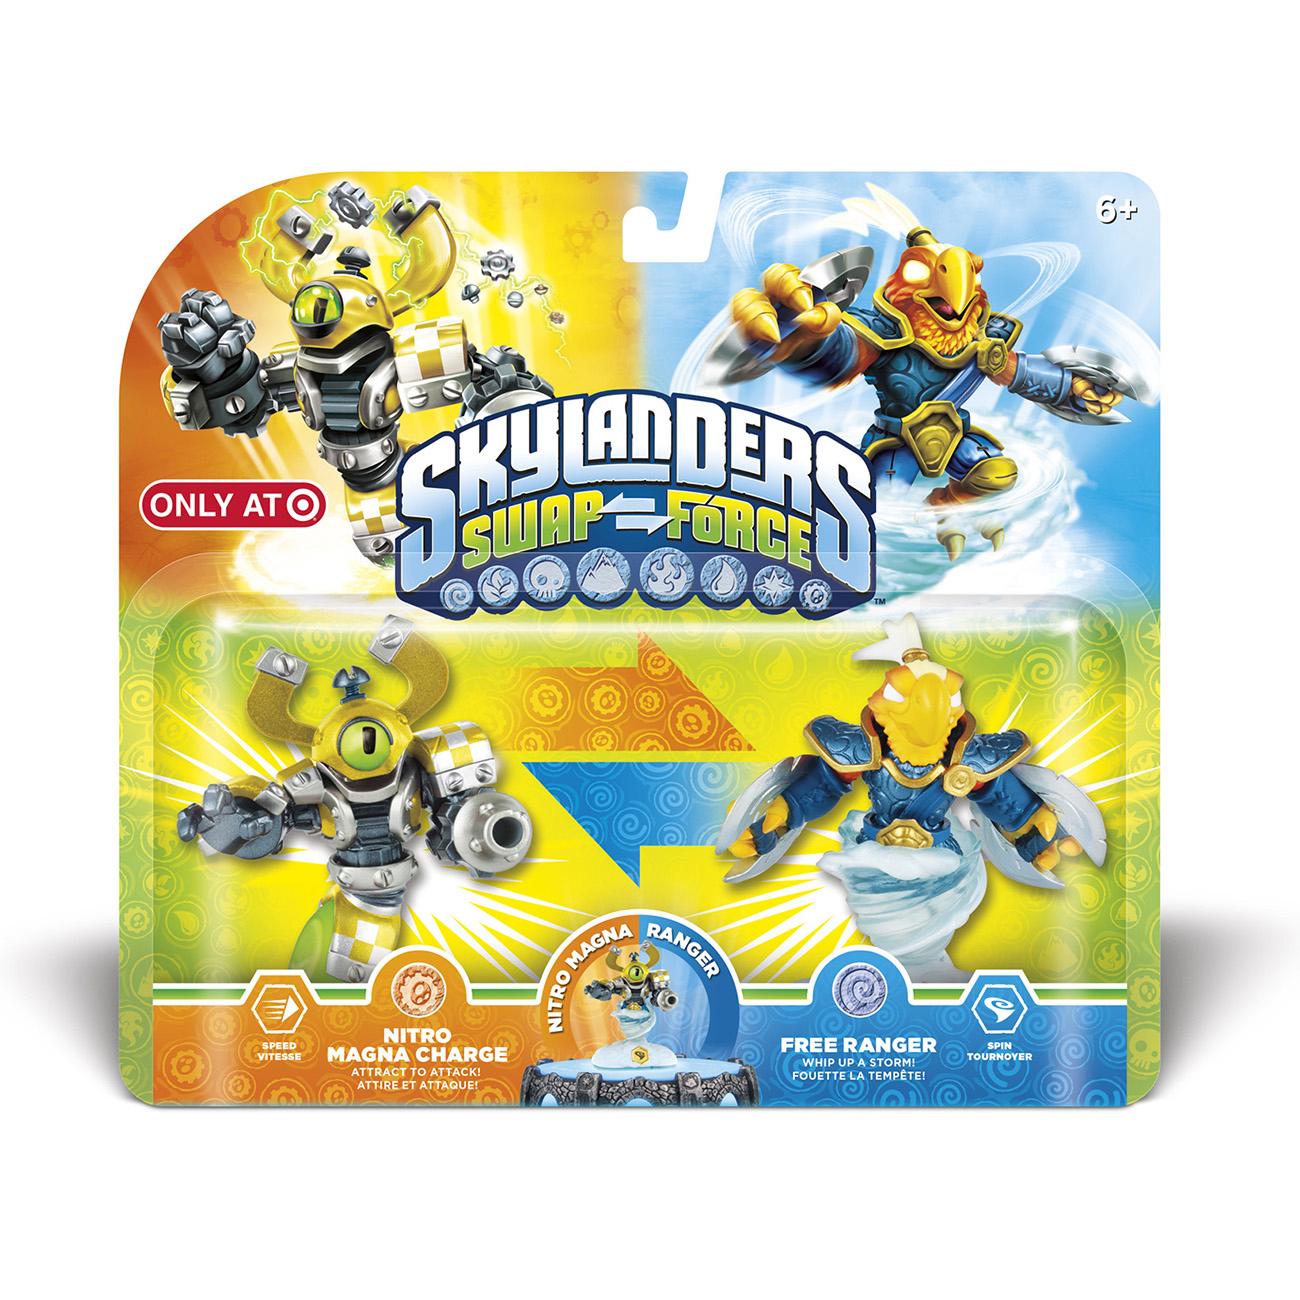 Skylanders SWAP FORCE HUNTING - PART 1 (Wave 1) - Toys